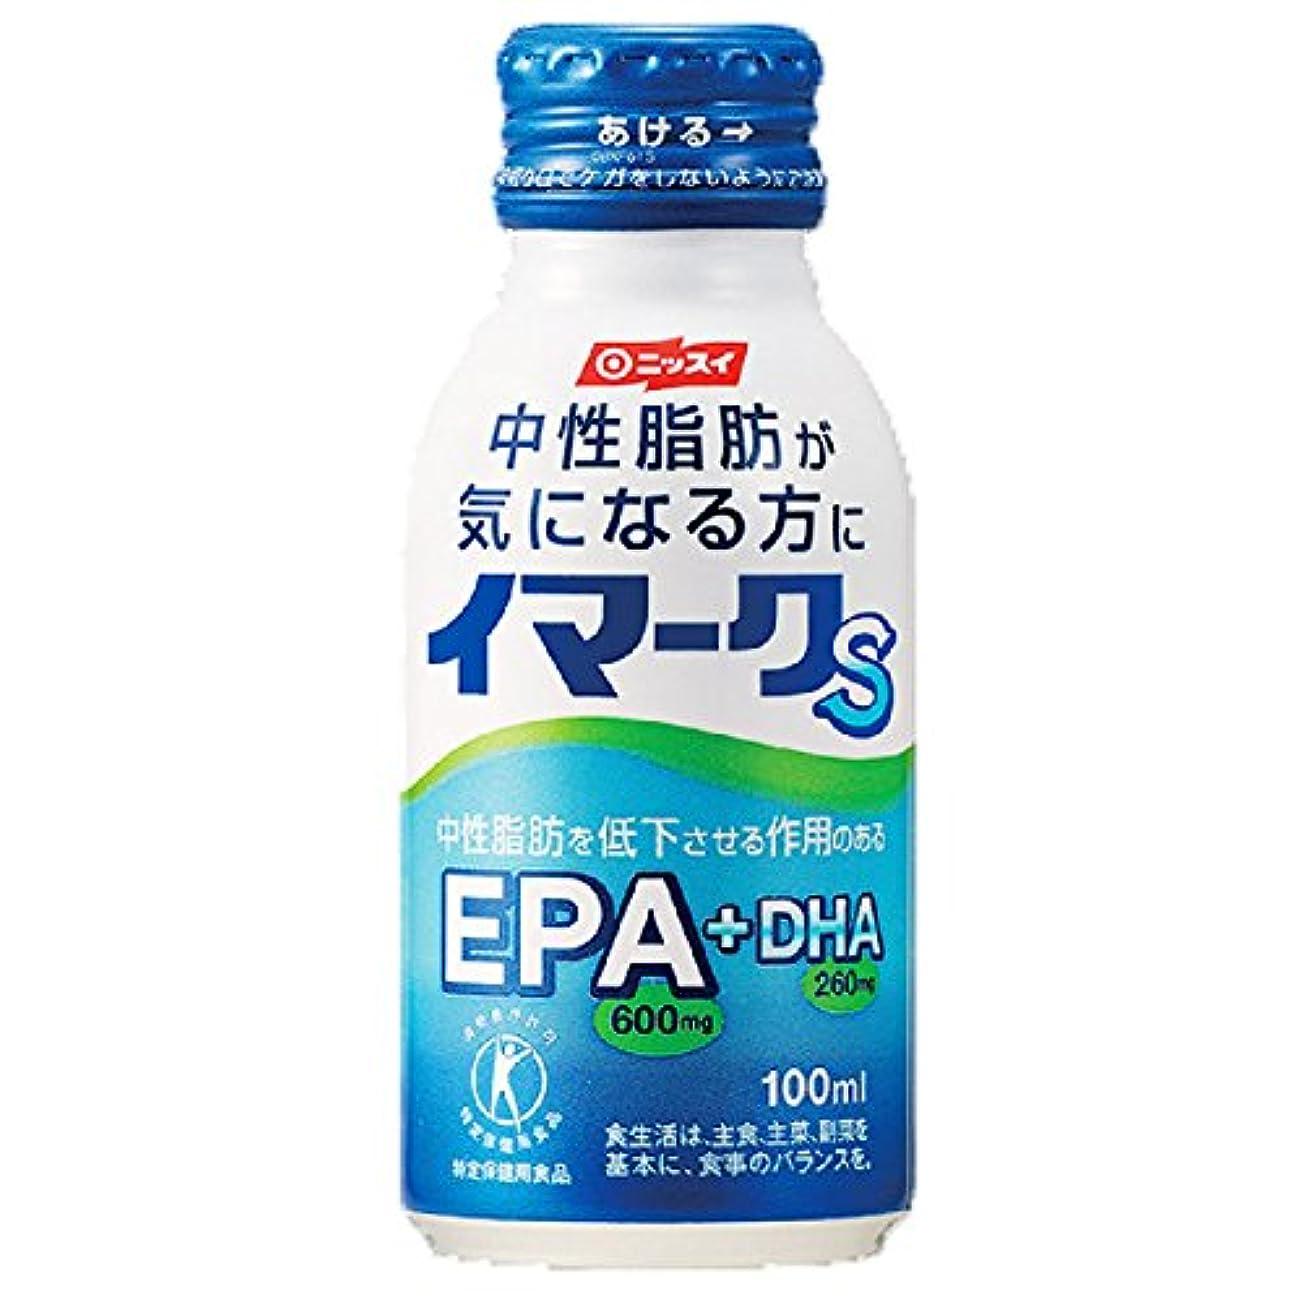 羊飼い味方欠陥ニッスイ イマークS 20本 【特定保健用食品】